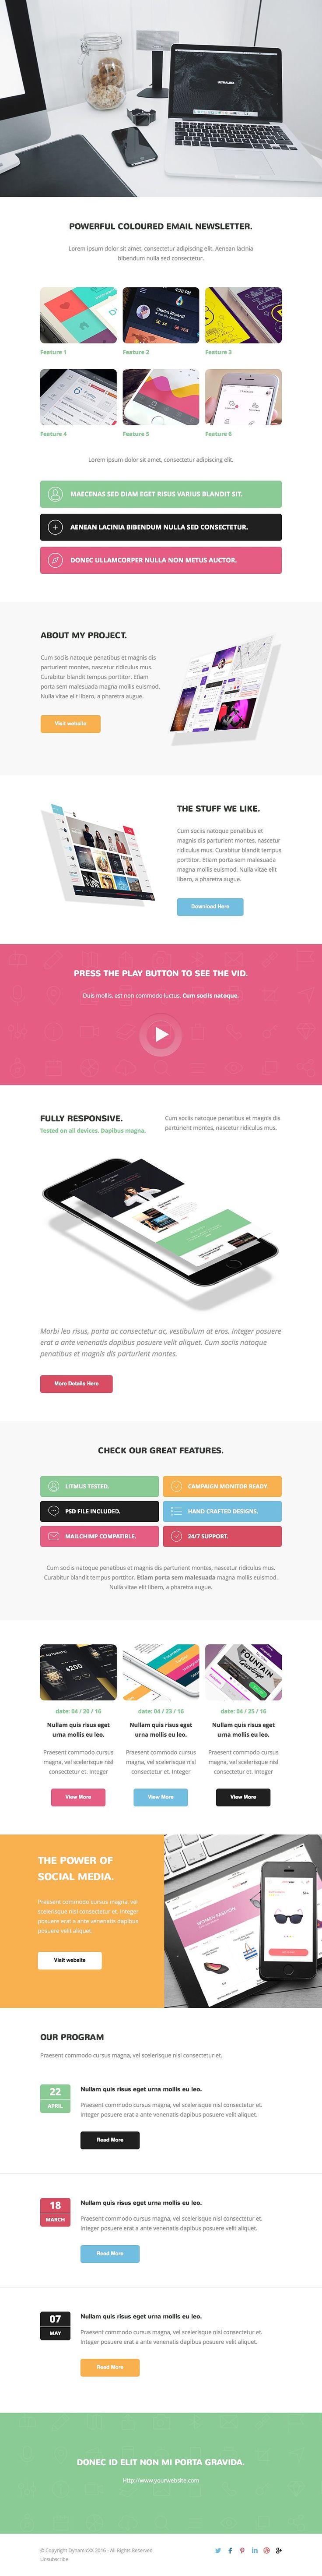 Gaudy + Online Template Builder PSD